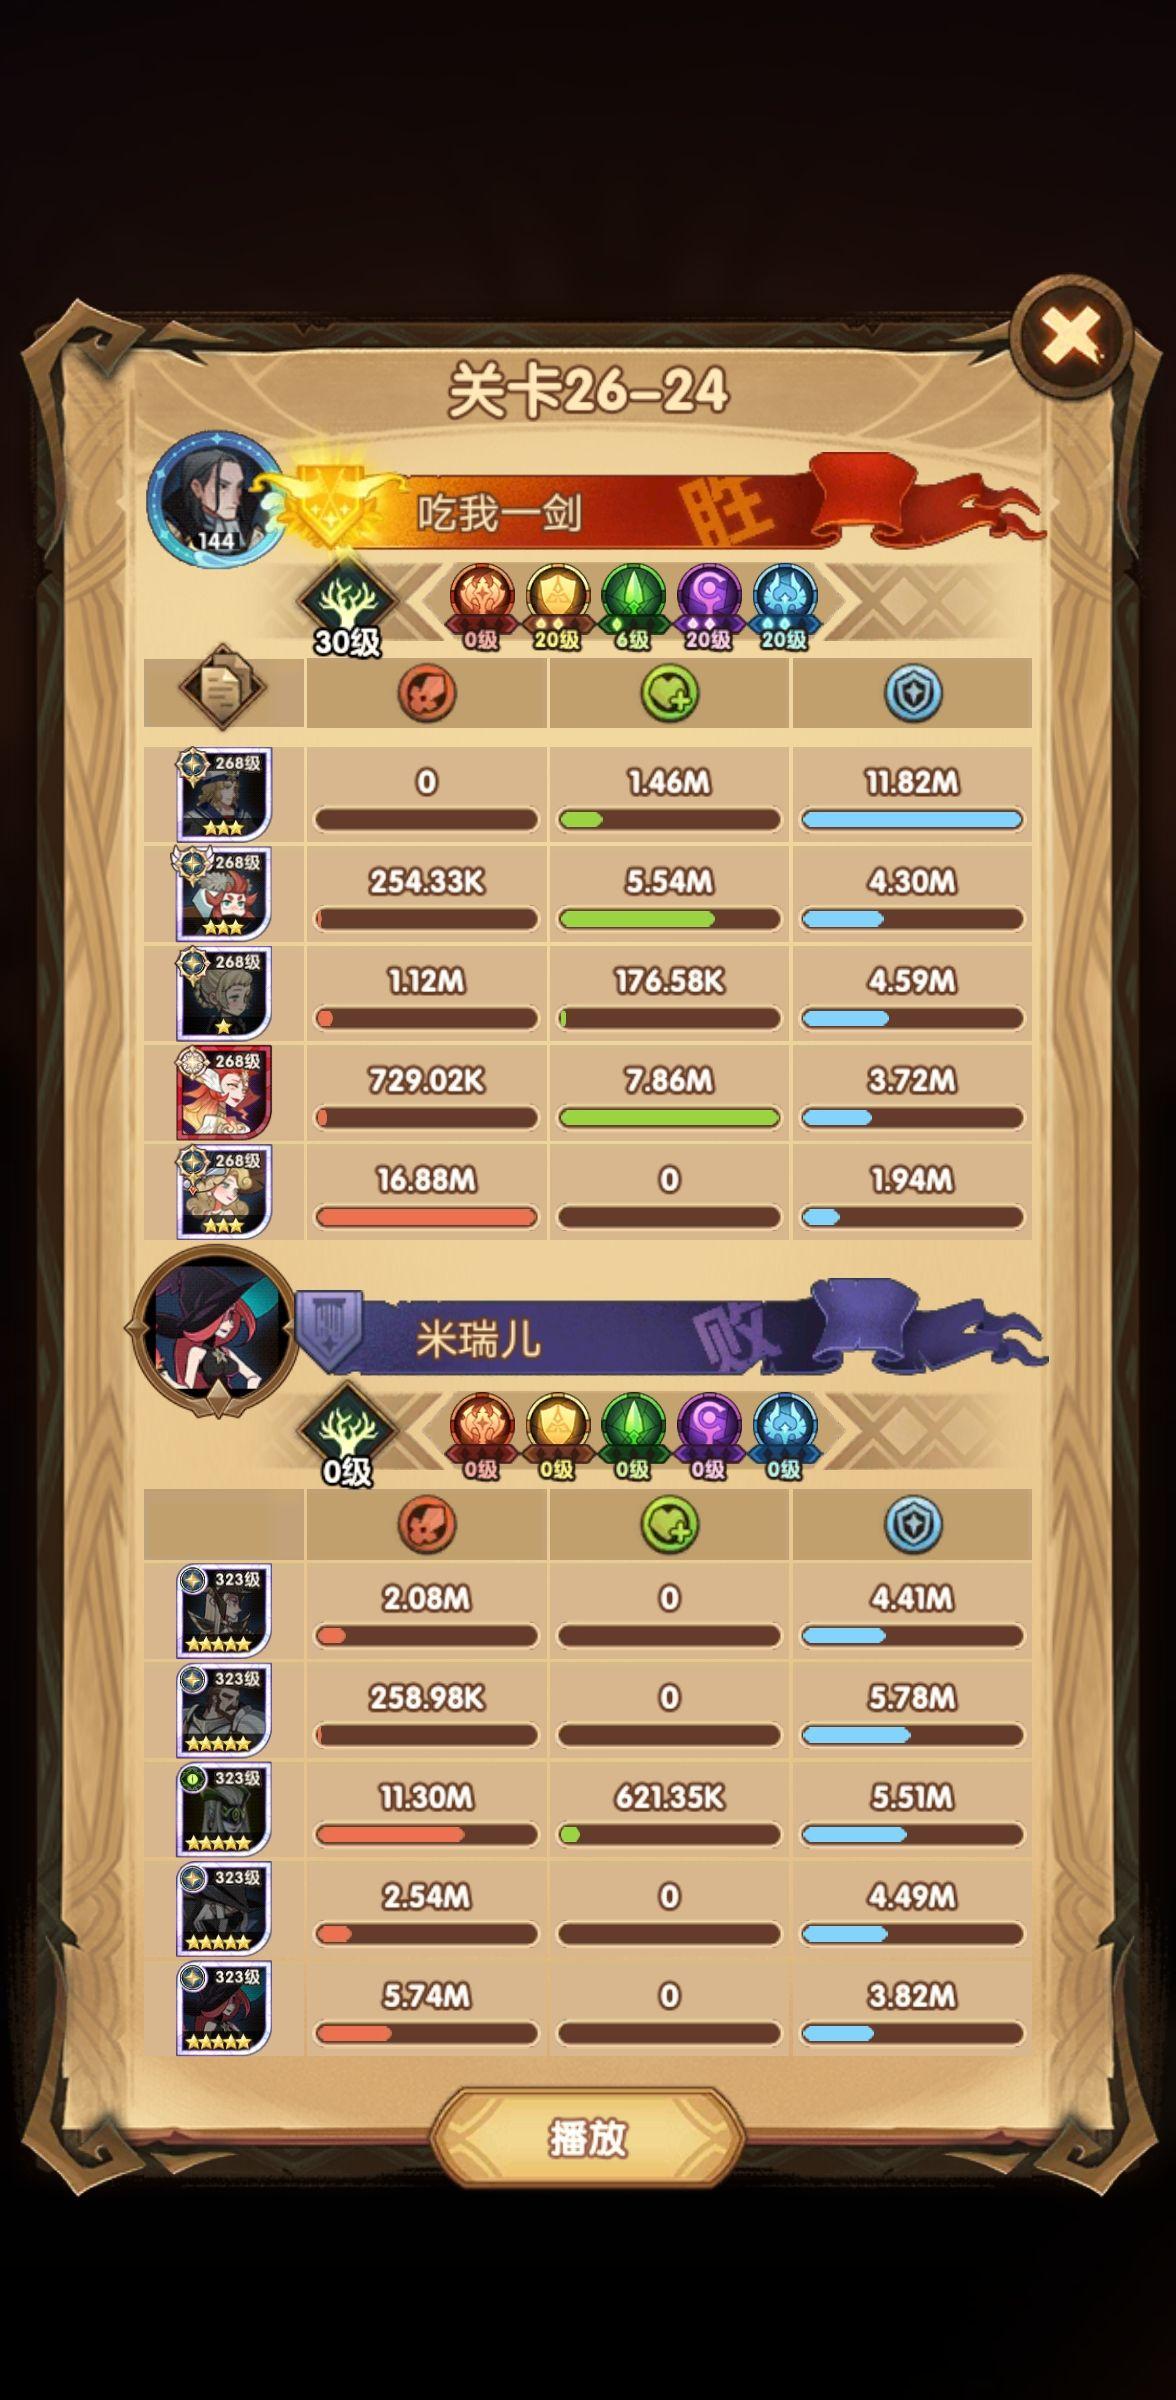 剑与远征26-24攻略 阵容搭配及玩法详解